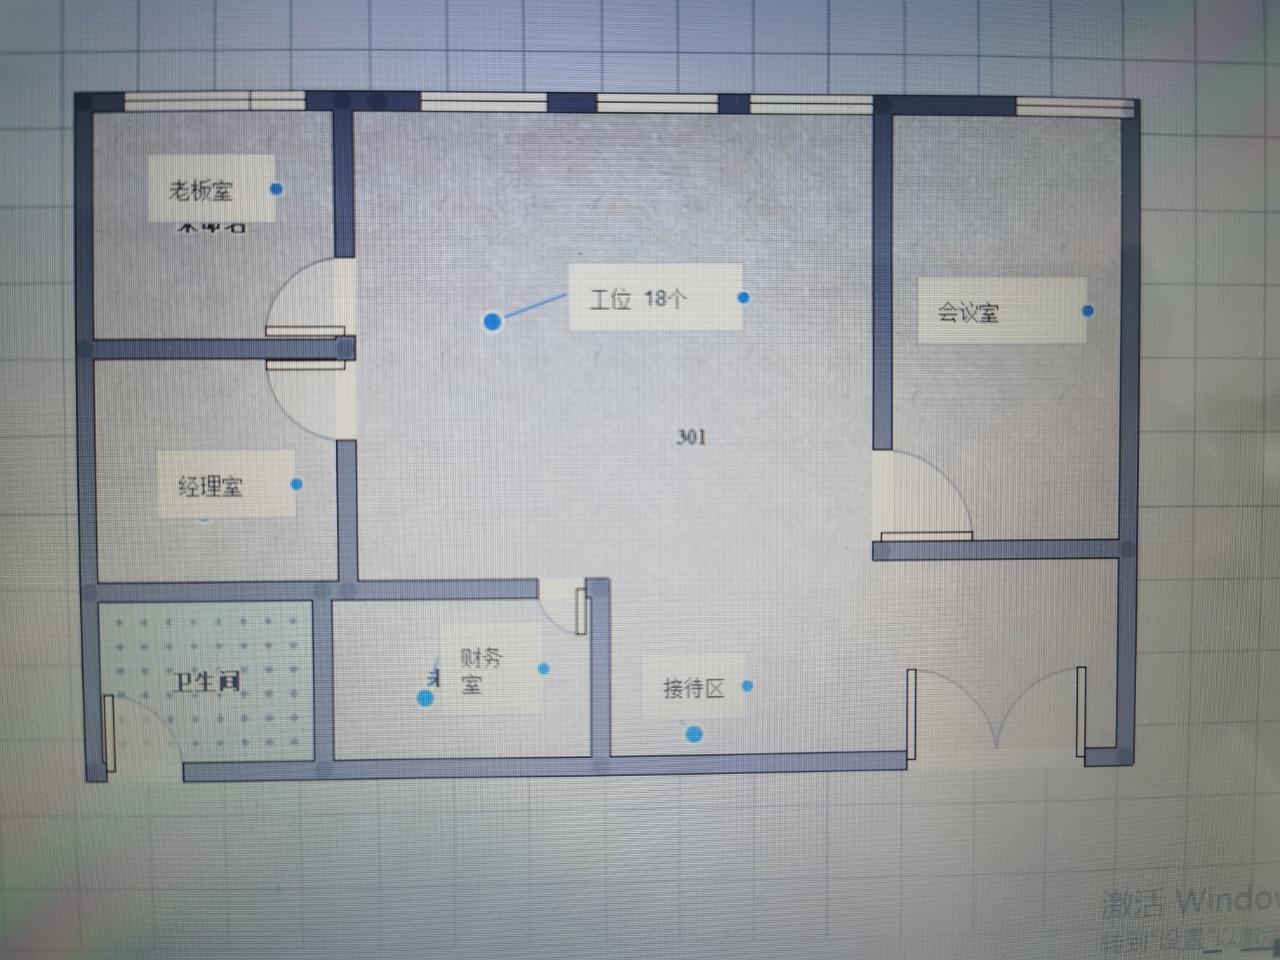 停车免费丨天悦中心 172平米 4隔间18工位 地铁口